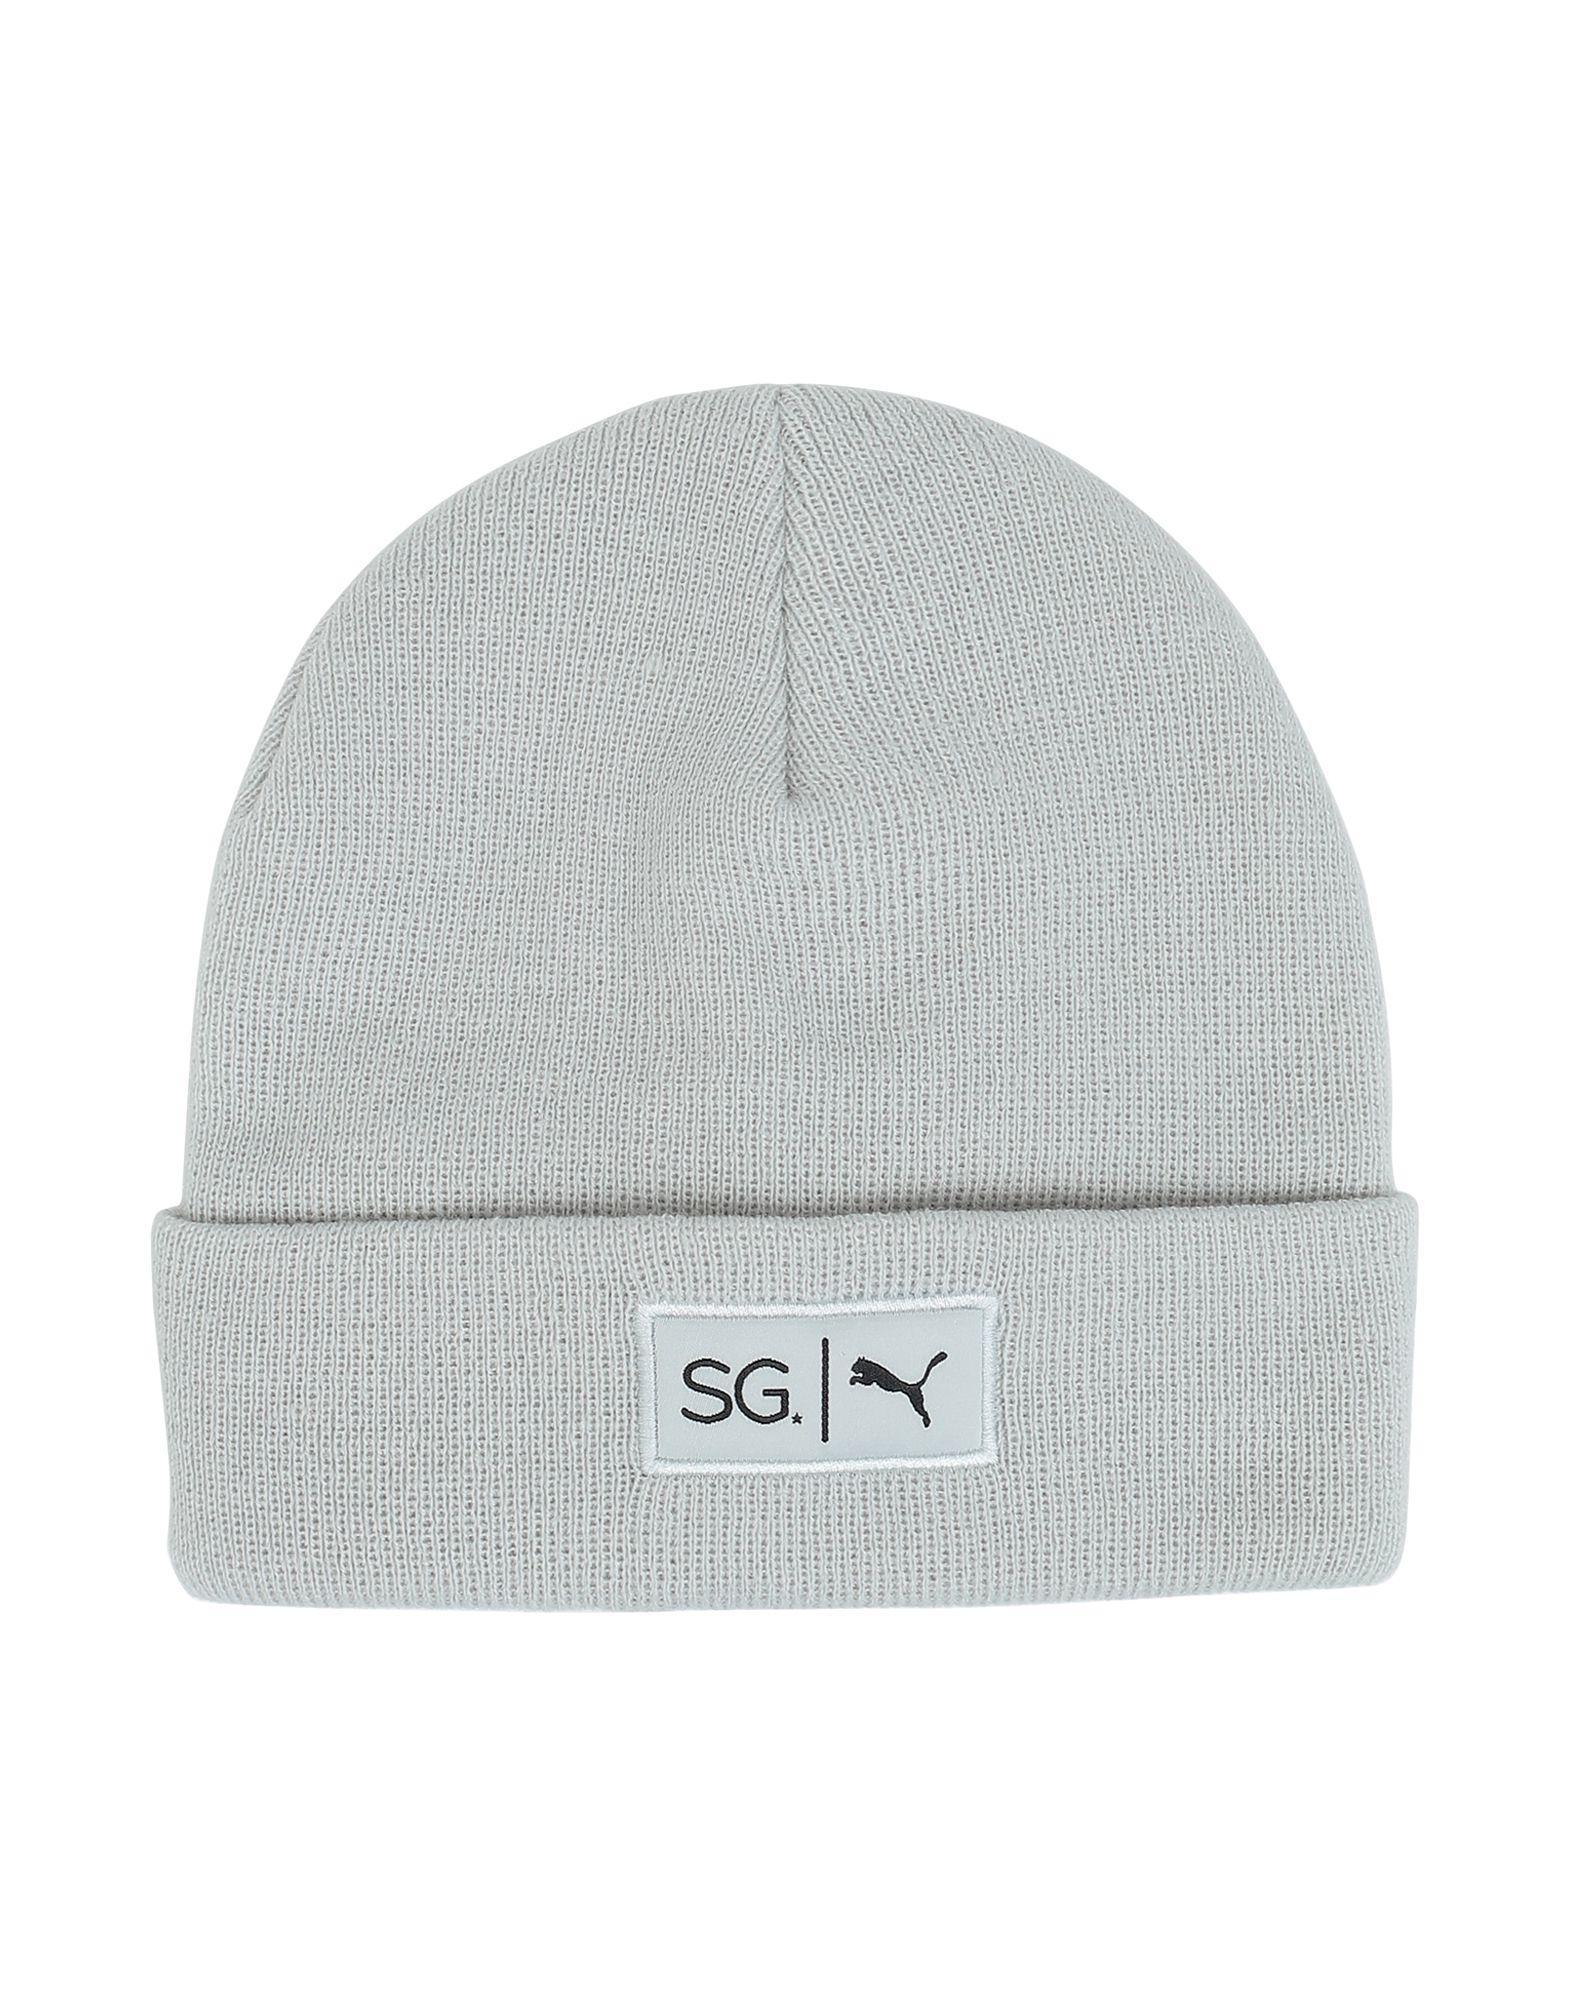 d625a187d8b PUMA Hat in Gray - Lyst